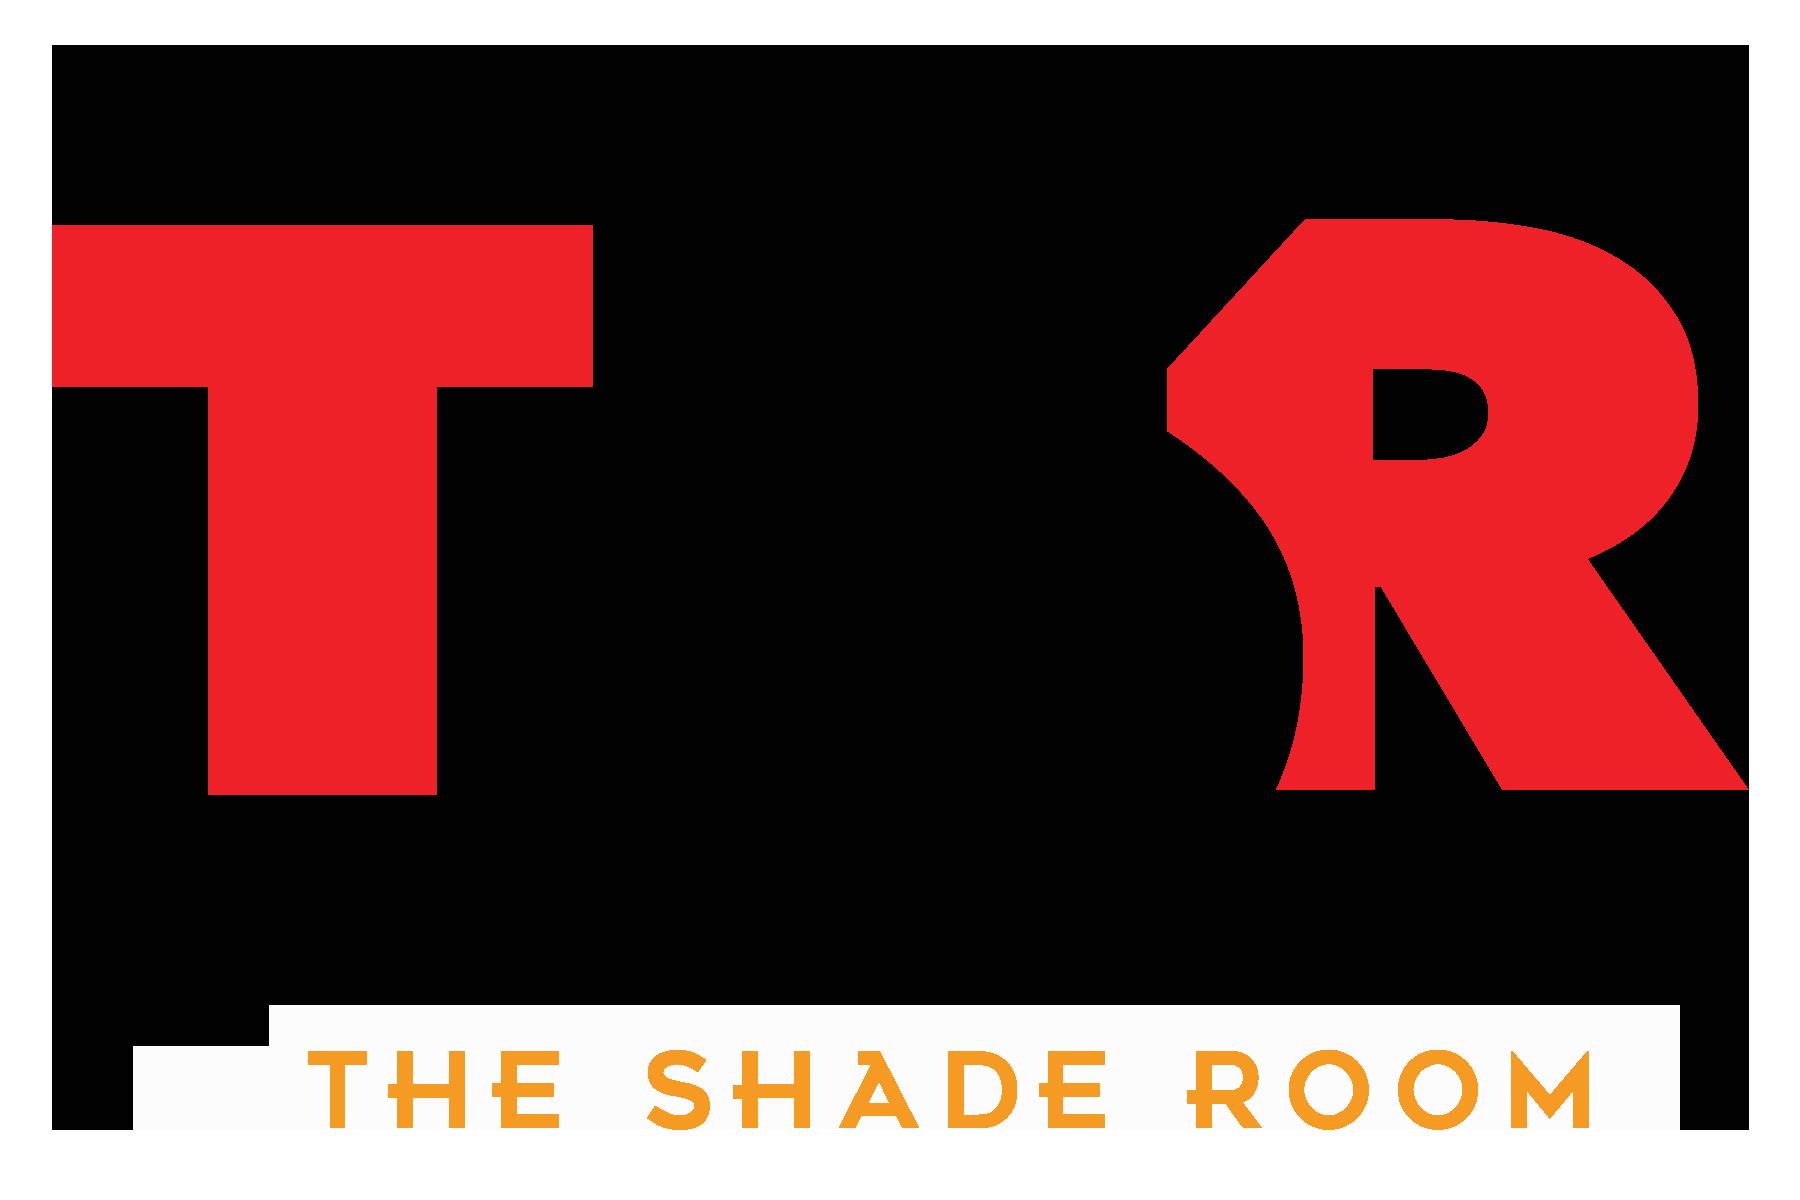 the shade room com IMPACT Magazine – EMPOWER. ENCOURAGE. EDUCATE the shade room com